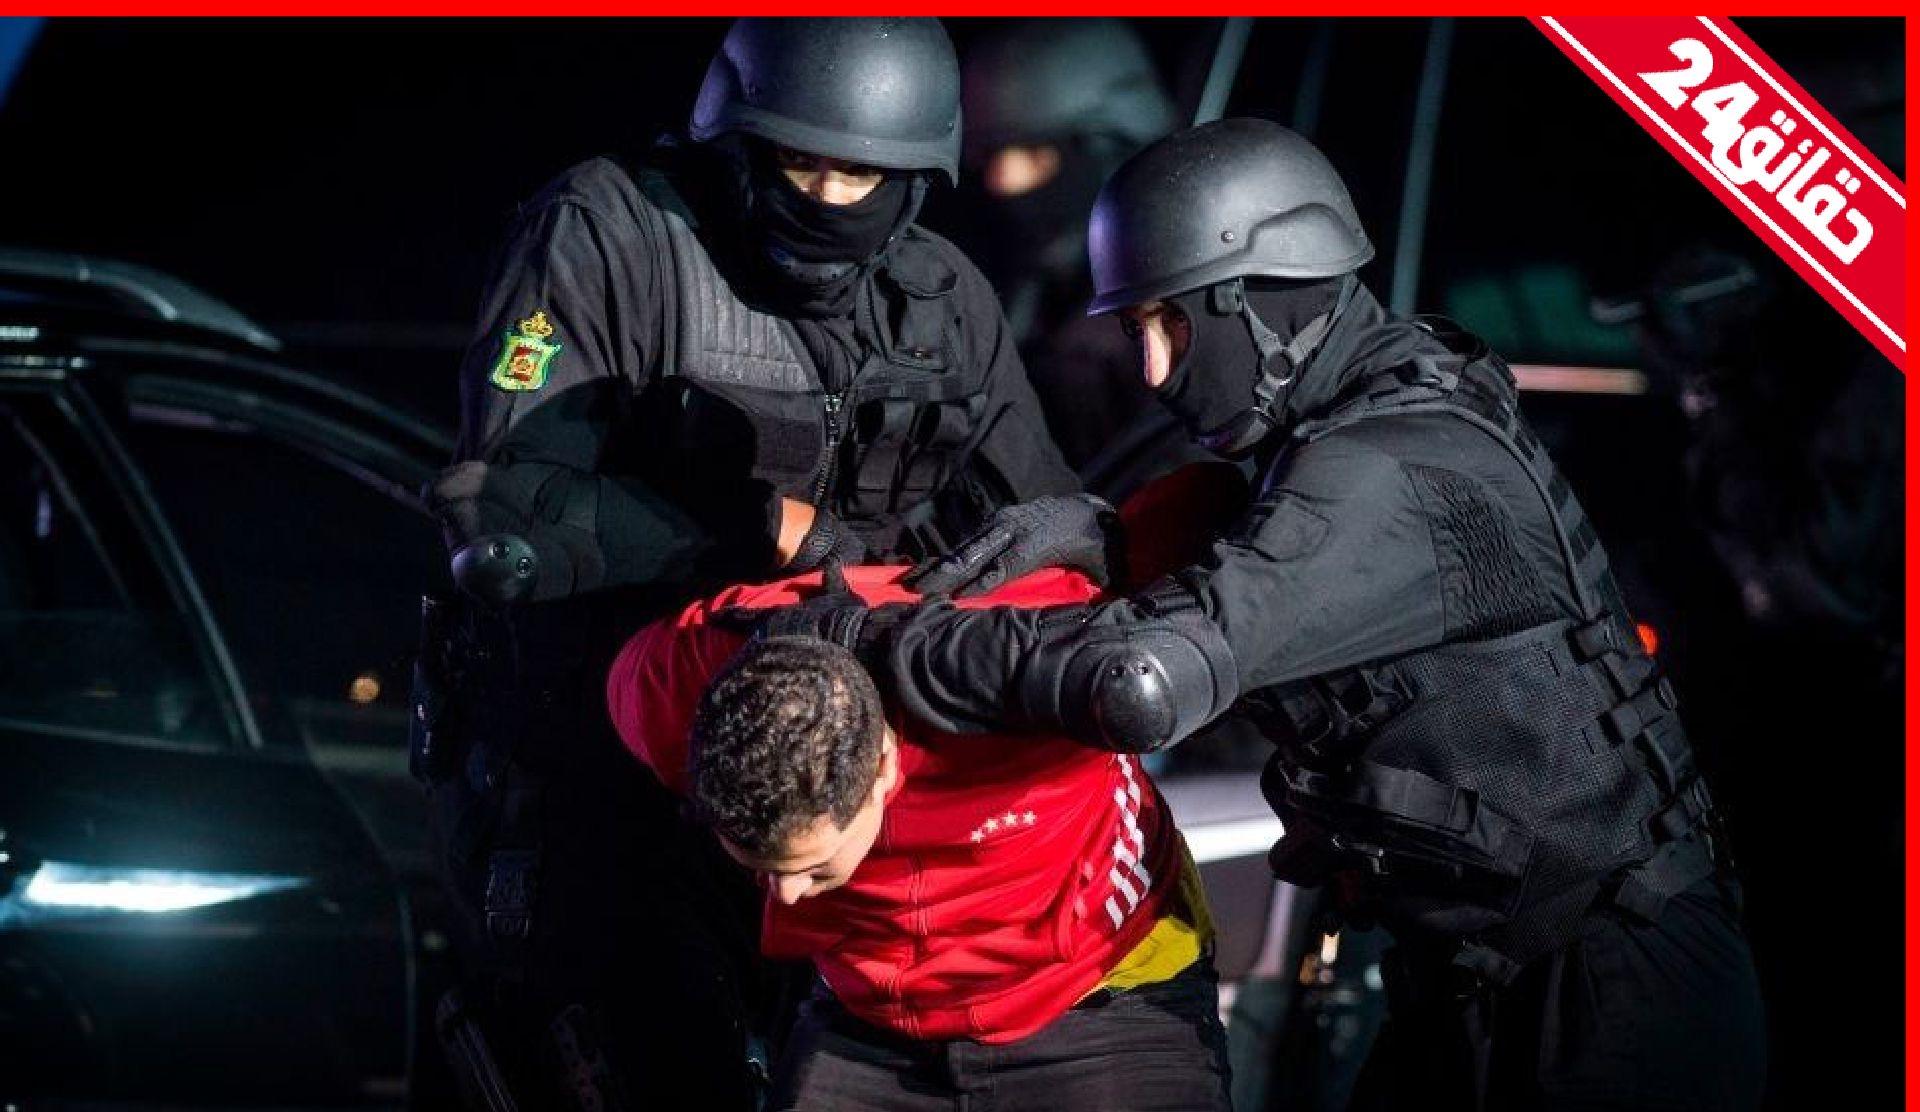 صورة الشرطة تحرر محتجزا طالبته عصابة بفدية بقيمة 500 مليون بالدار البيضاء